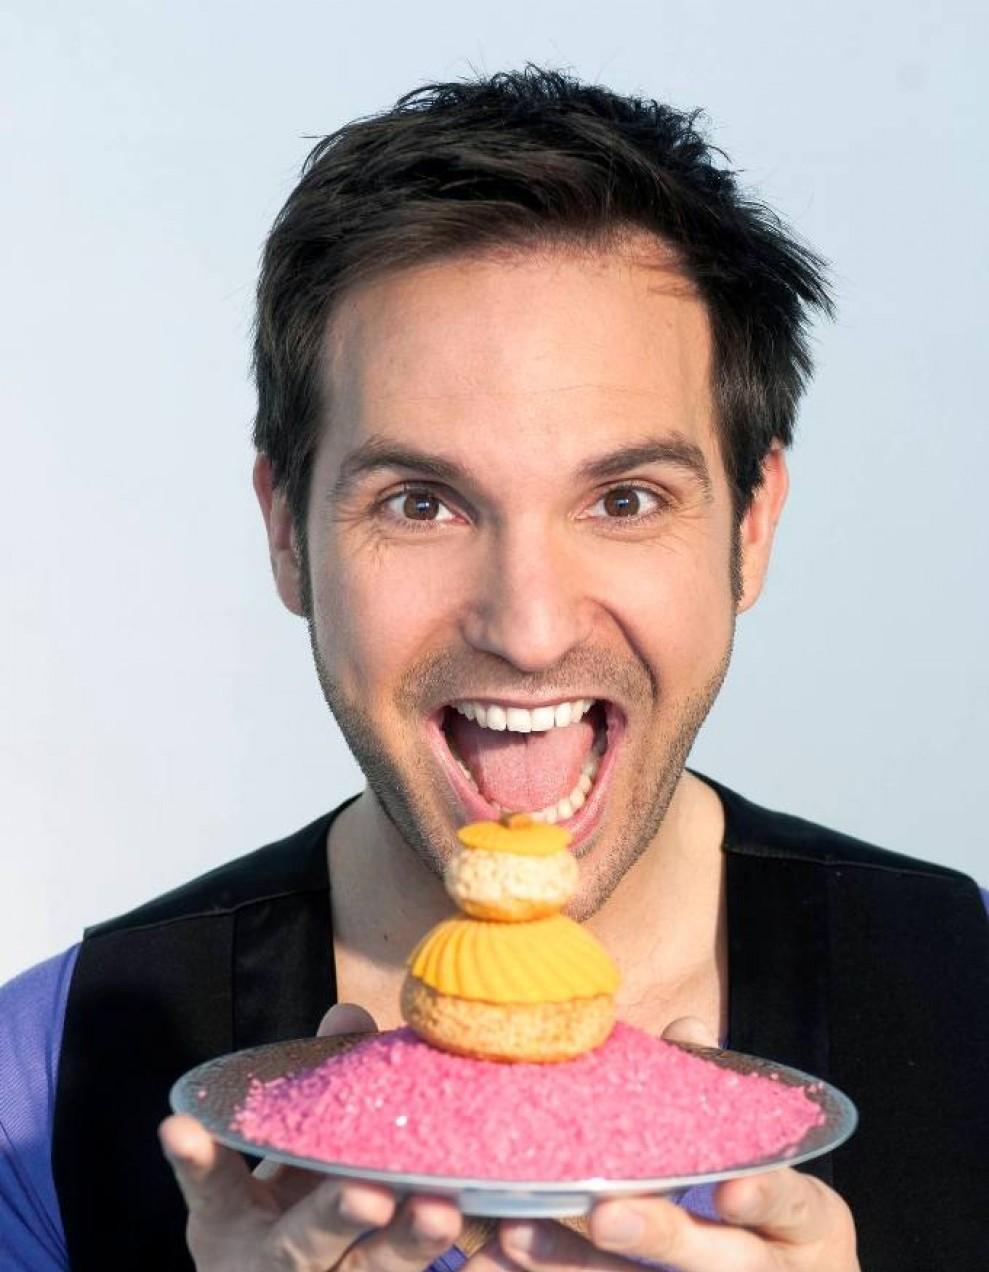 Christophe Michalak - Le gâteau de mes rêves